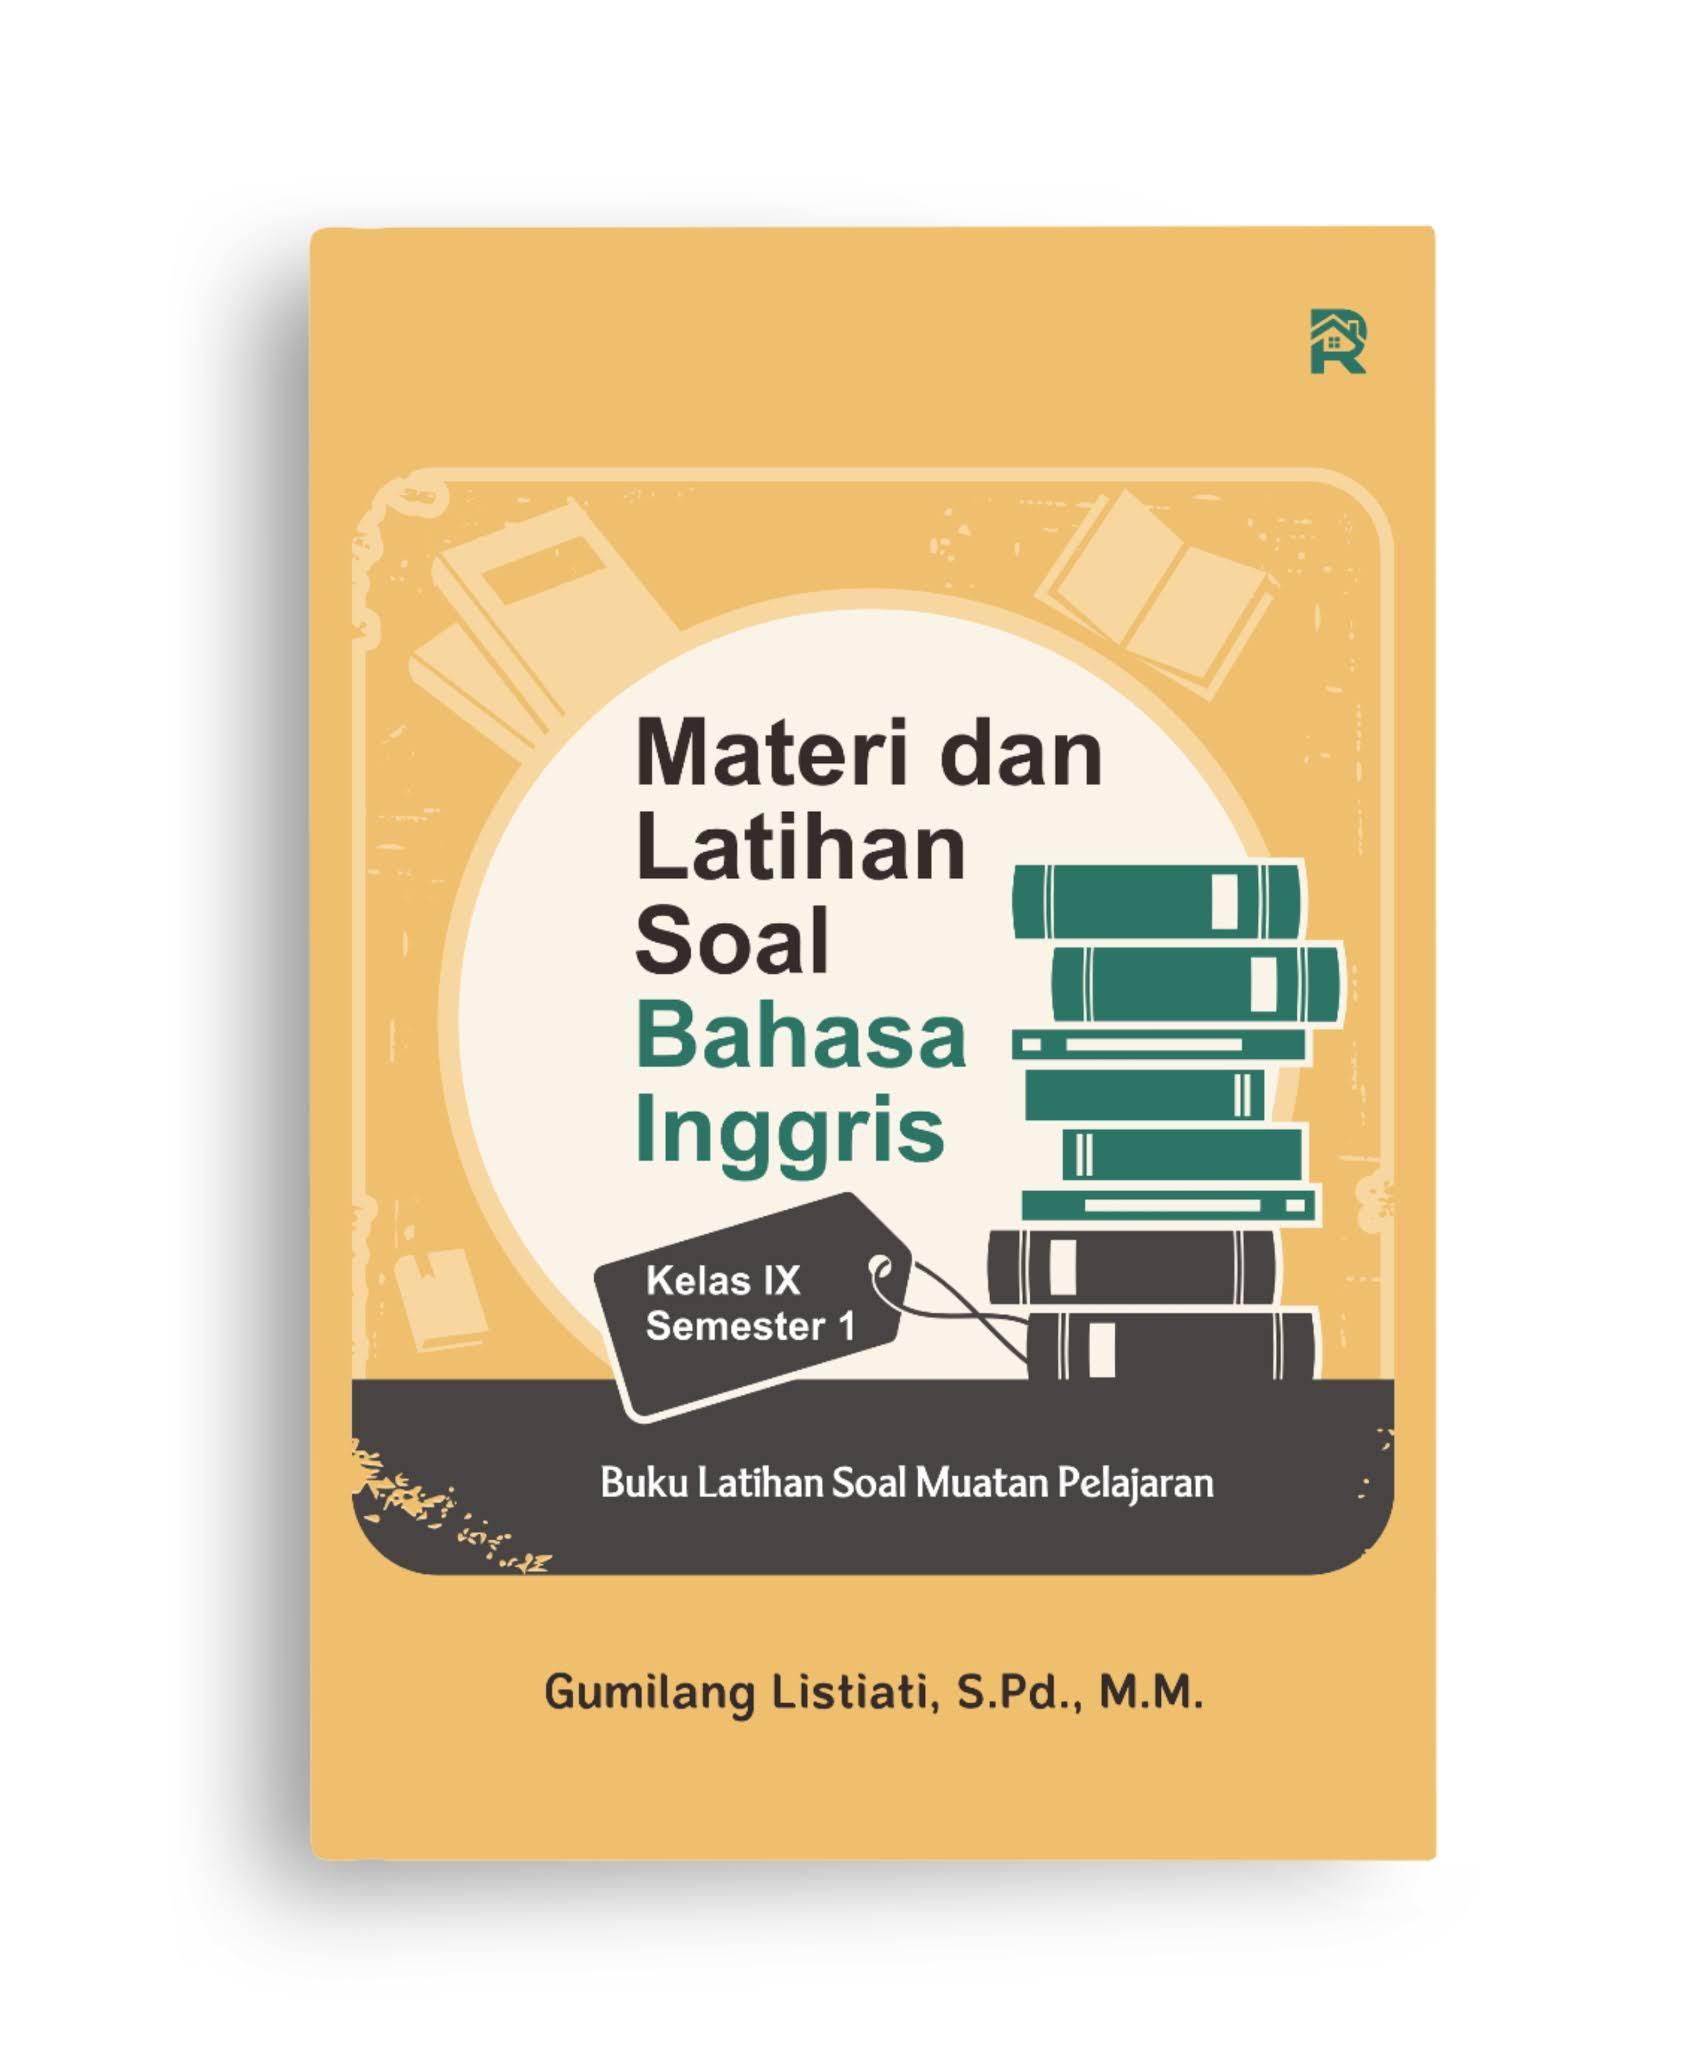 Materi dan Latihan Soal Bahasa Inggris Kelas IX Semester 1 (Buku Latihan Soal Muatan Pelajaran)